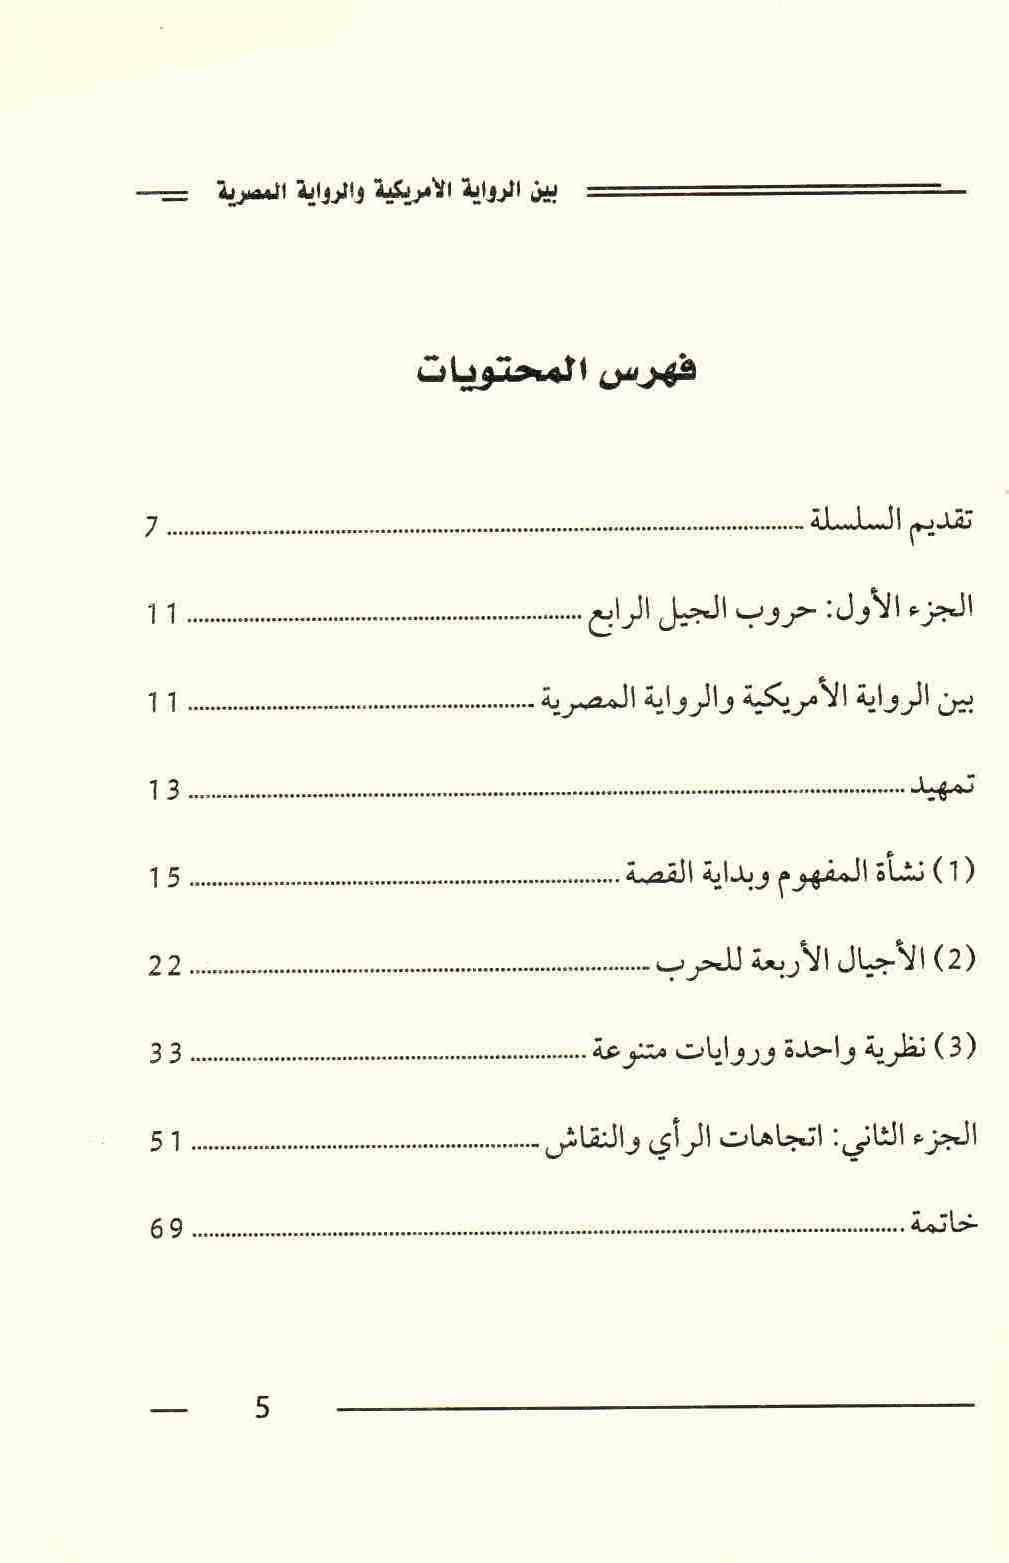 ص 5 محتويات كتاب الجيل الرابع